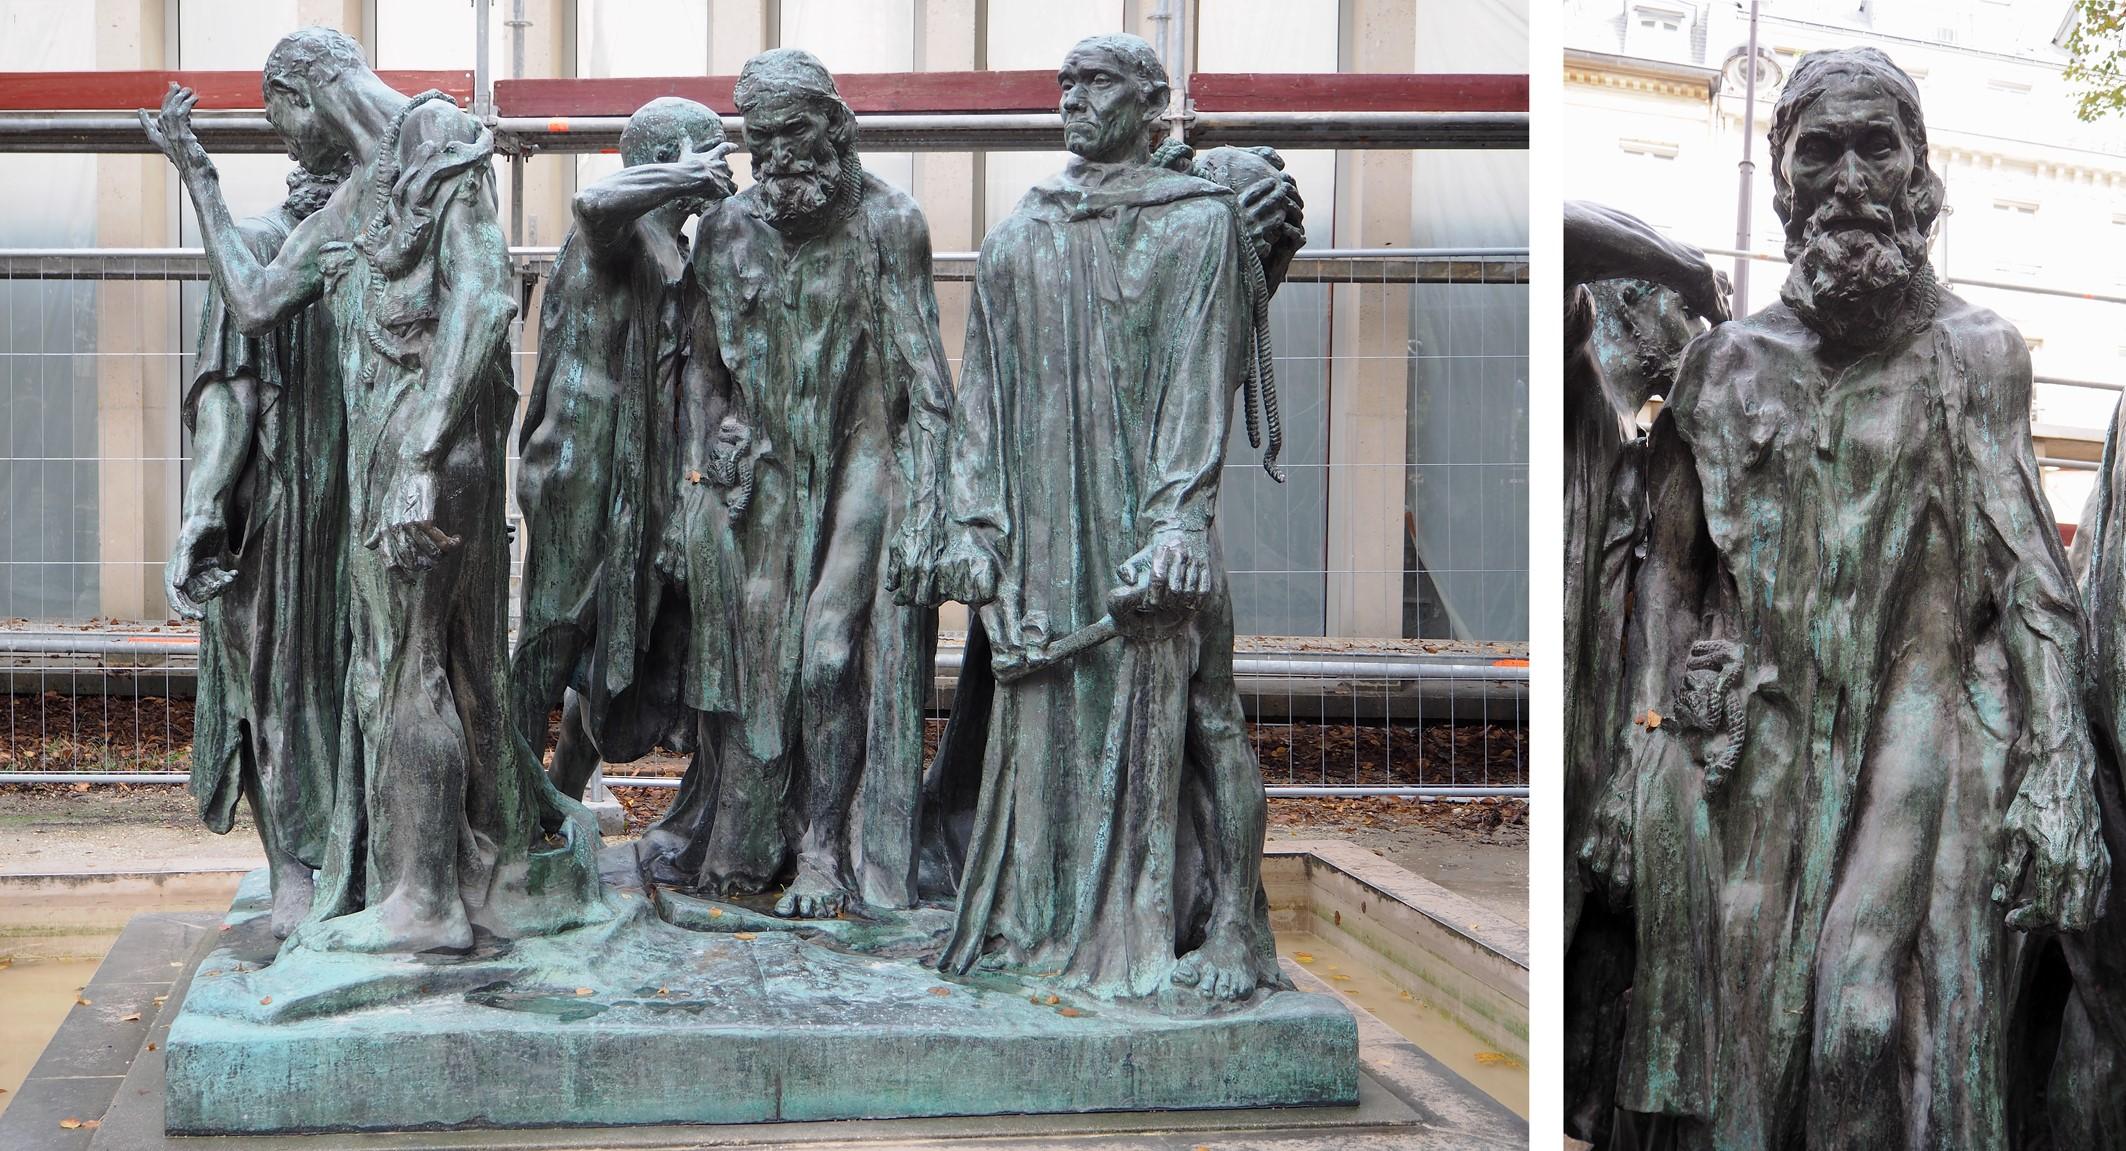 ... à identifier des sculptures médiévales précises qui servirent de modèle  à Rodin, plusieurs motifs de l iconographie médiévale s imposent comme une  ... 488bcf6fb90e